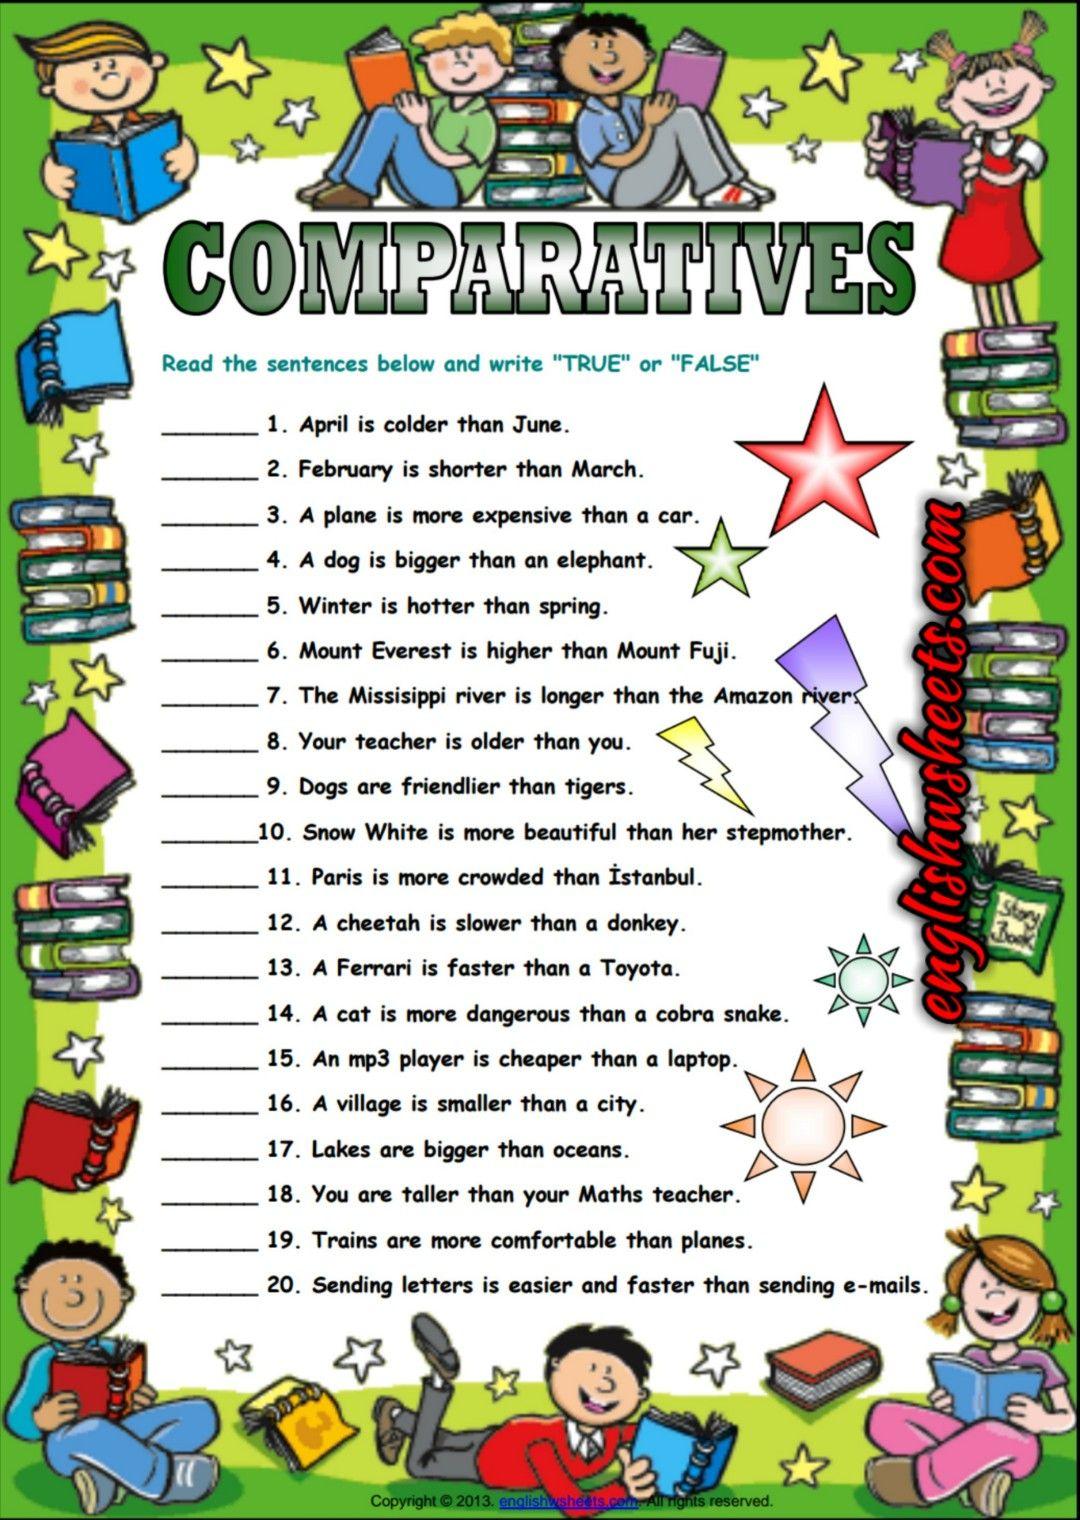 Comparatives True Or False Esl Exercise Worksheet Comparative Adjectives Worksheet Comparative Adjectives Adjectives